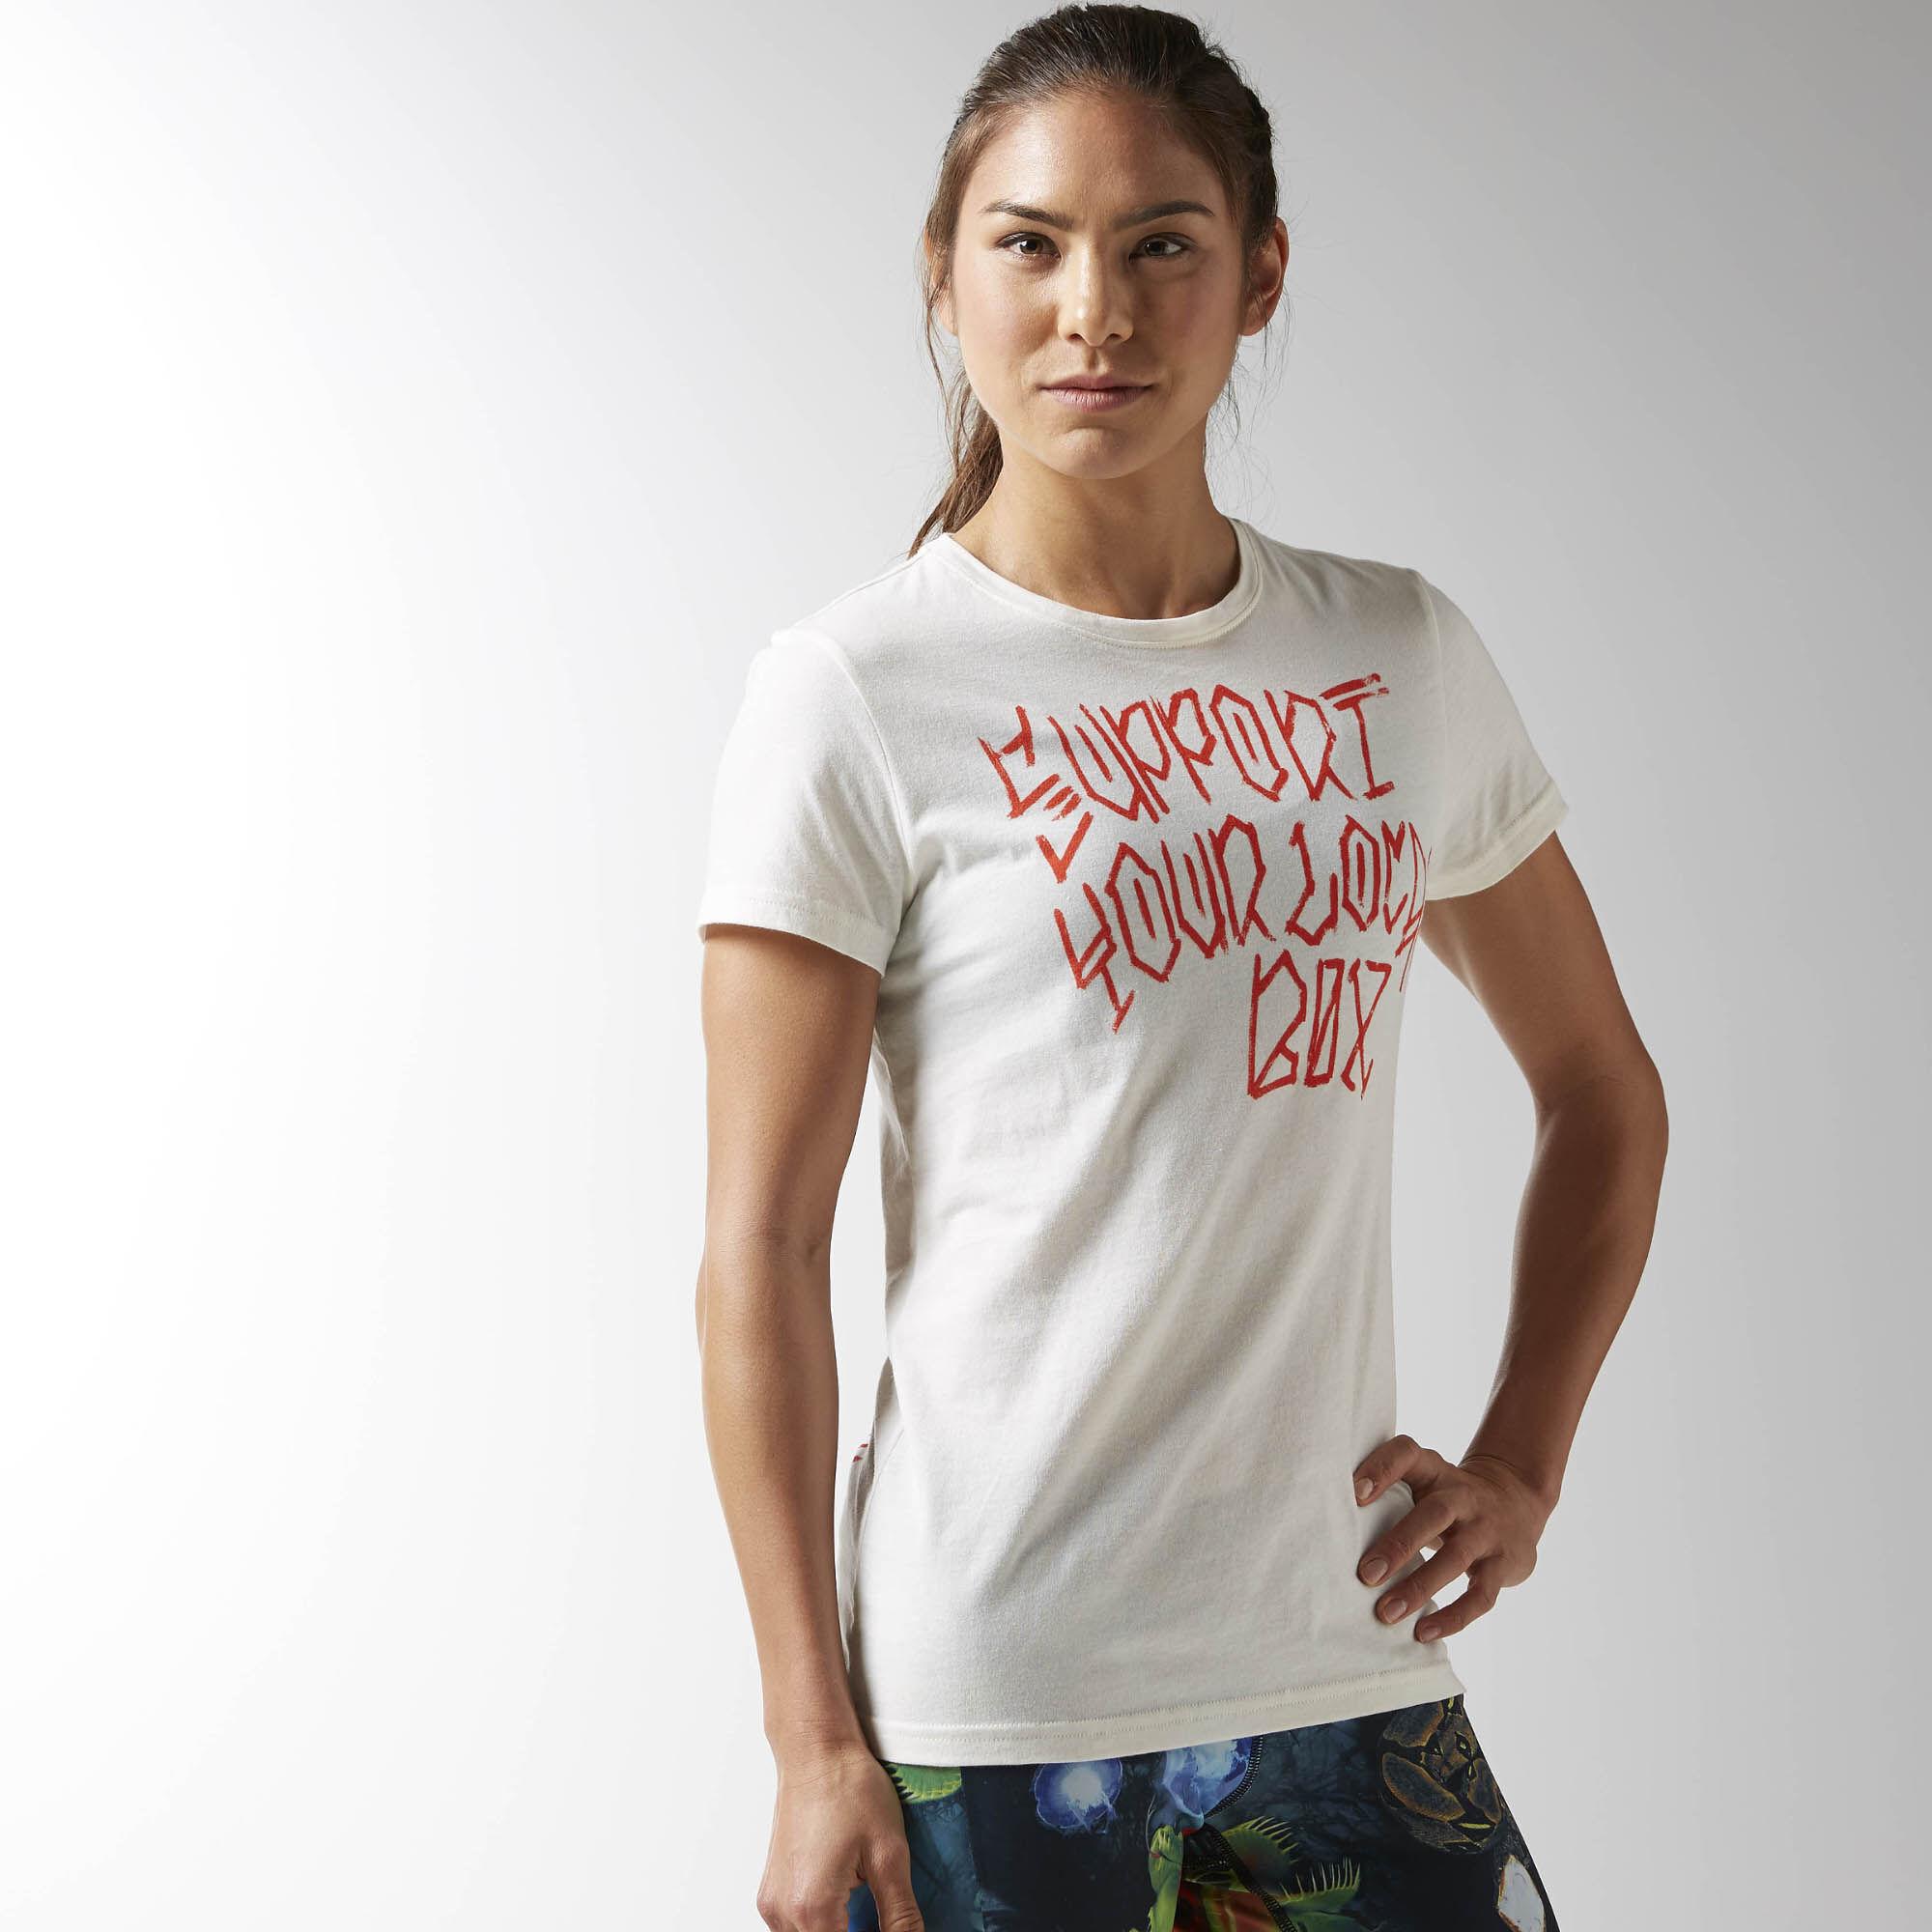 Camiseta crossfit sylb crew for Sou abbigliamento